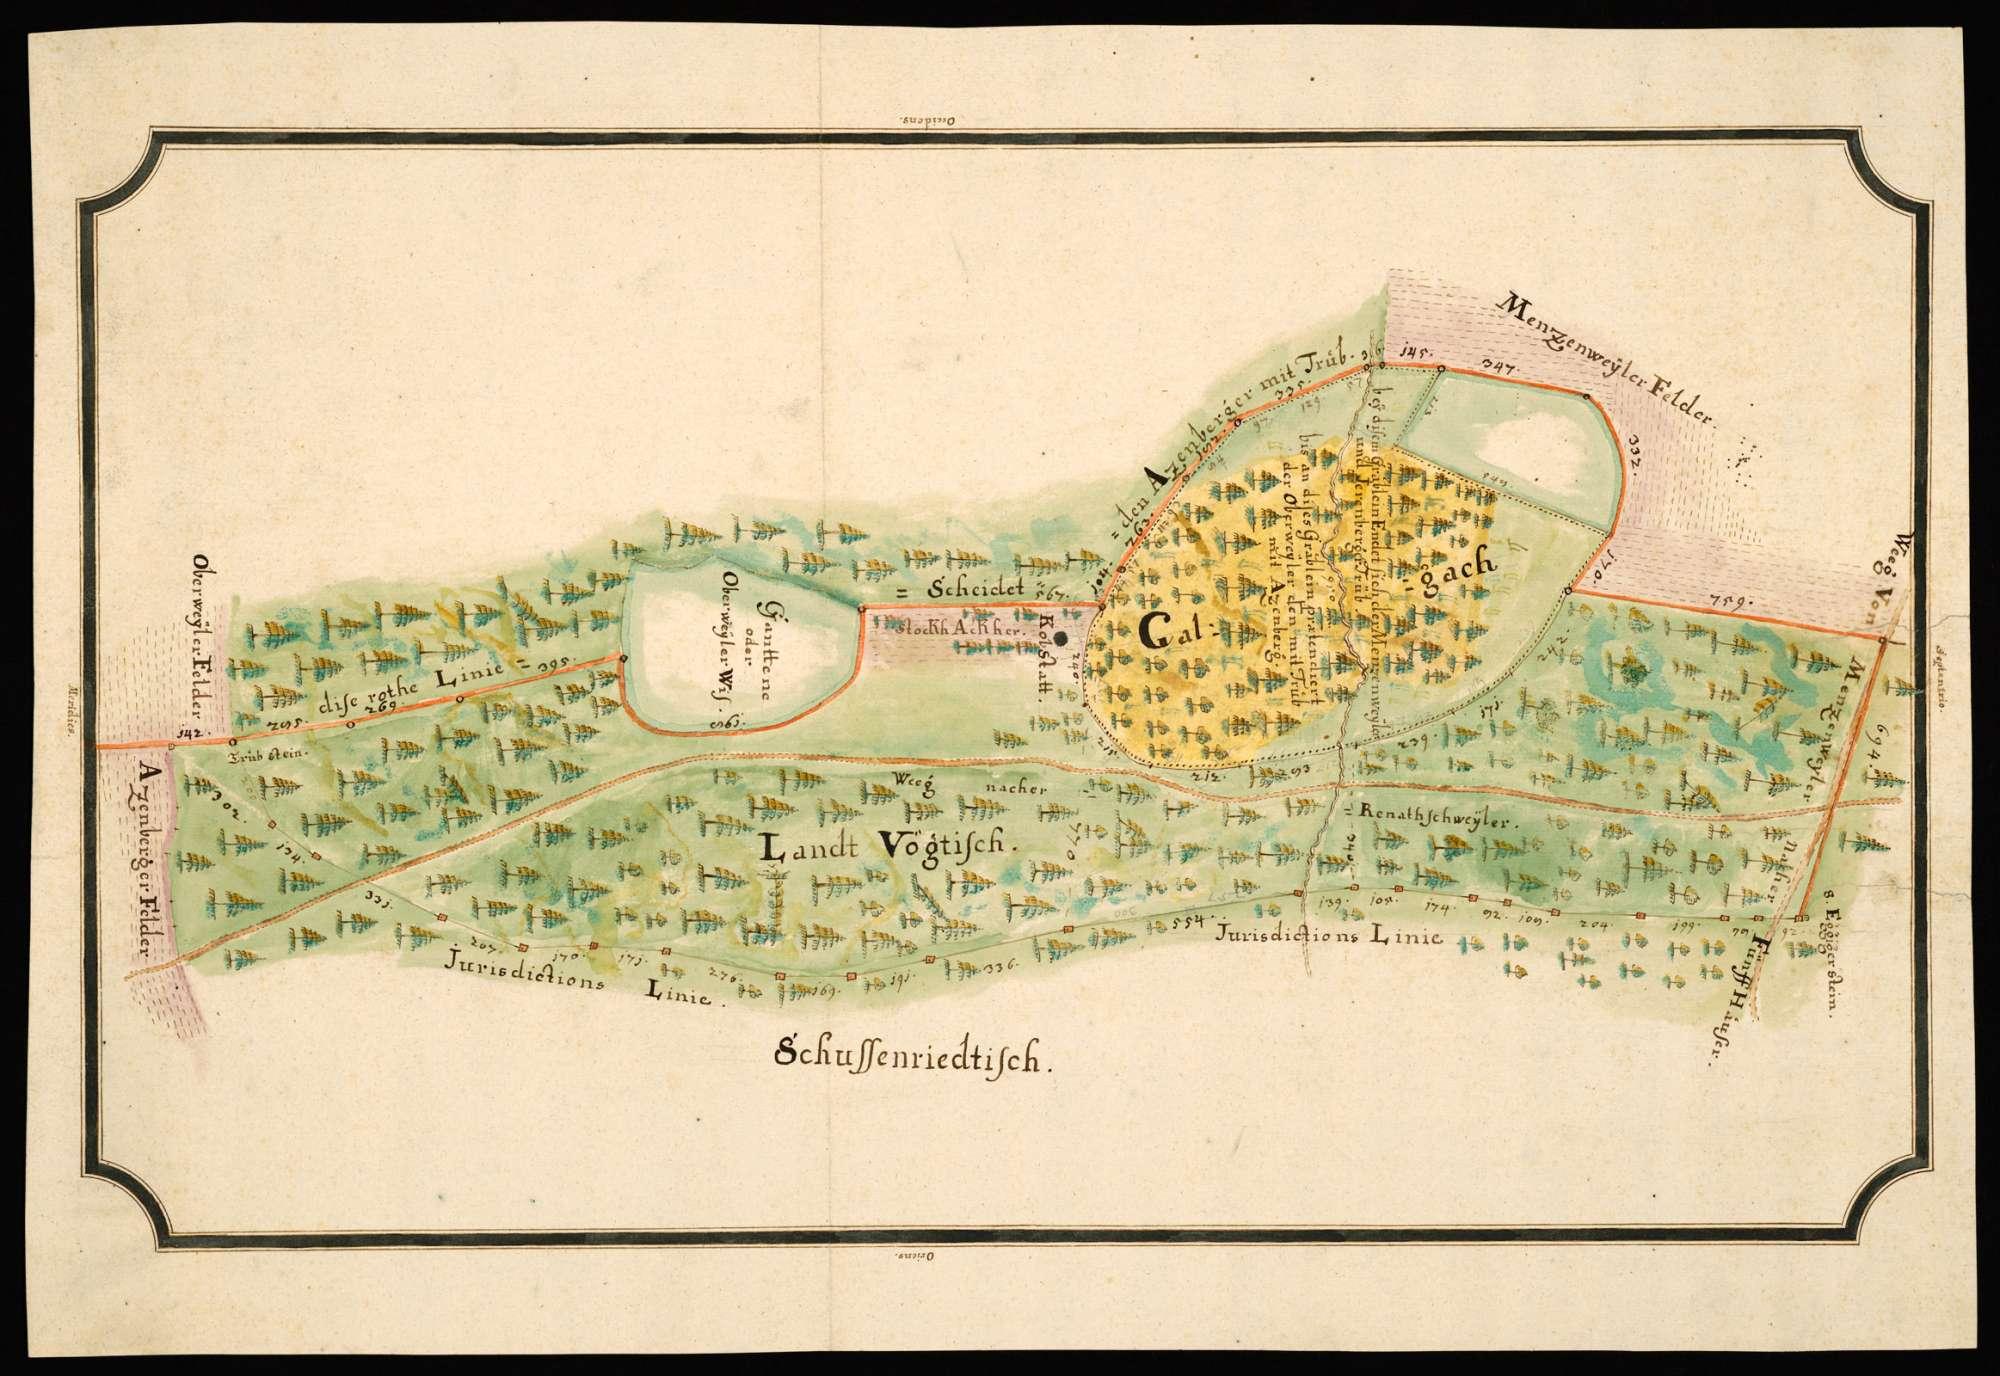 """Atzenberg - Menzenweiler [Karte der Jursidiktionsgrenze zwischen Kl. Schussenried und der Landvogtei Schwaben im Gebiet von Atzenberg und Menzenweiler sowie über den strittigen Trieb im """"Galgach""""], Bild 2"""